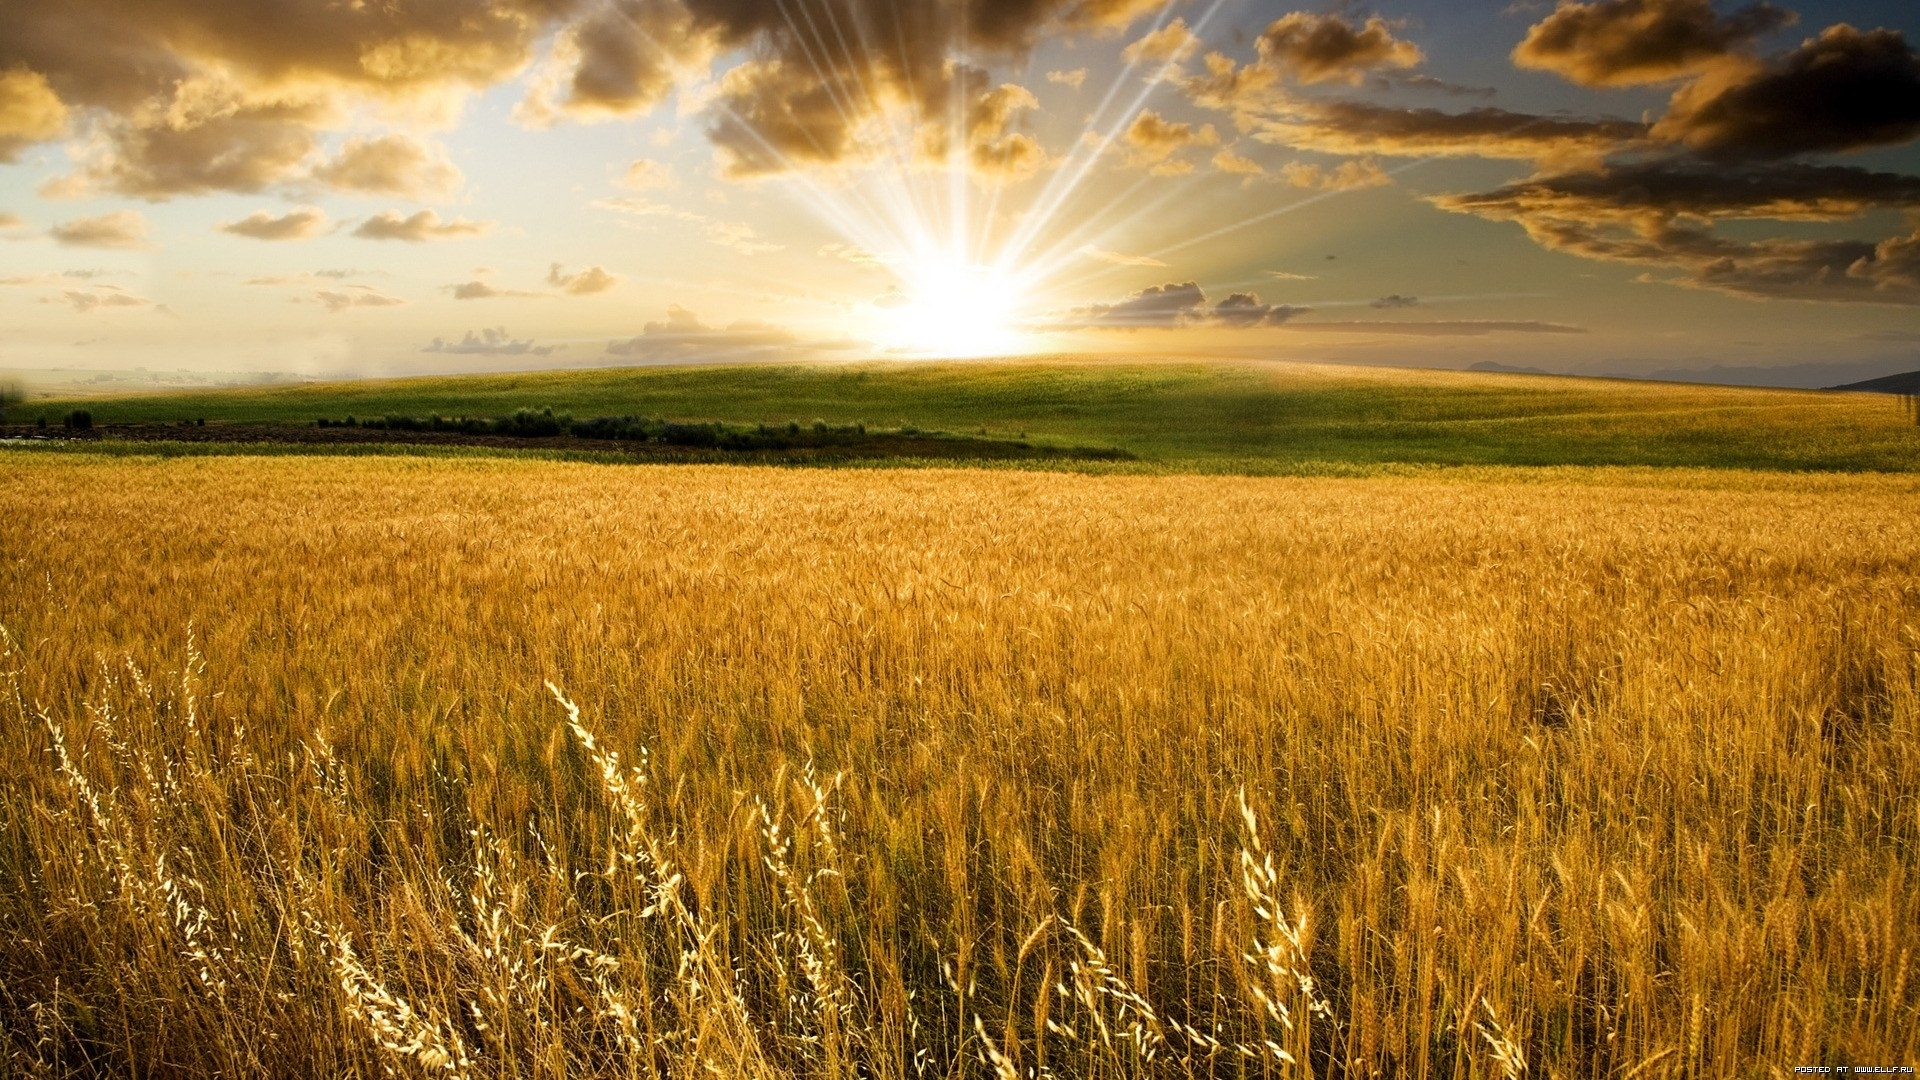 24822 скачать обои Пейзаж, Поля, Солнце, Облака - заставки и картинки бесплатно